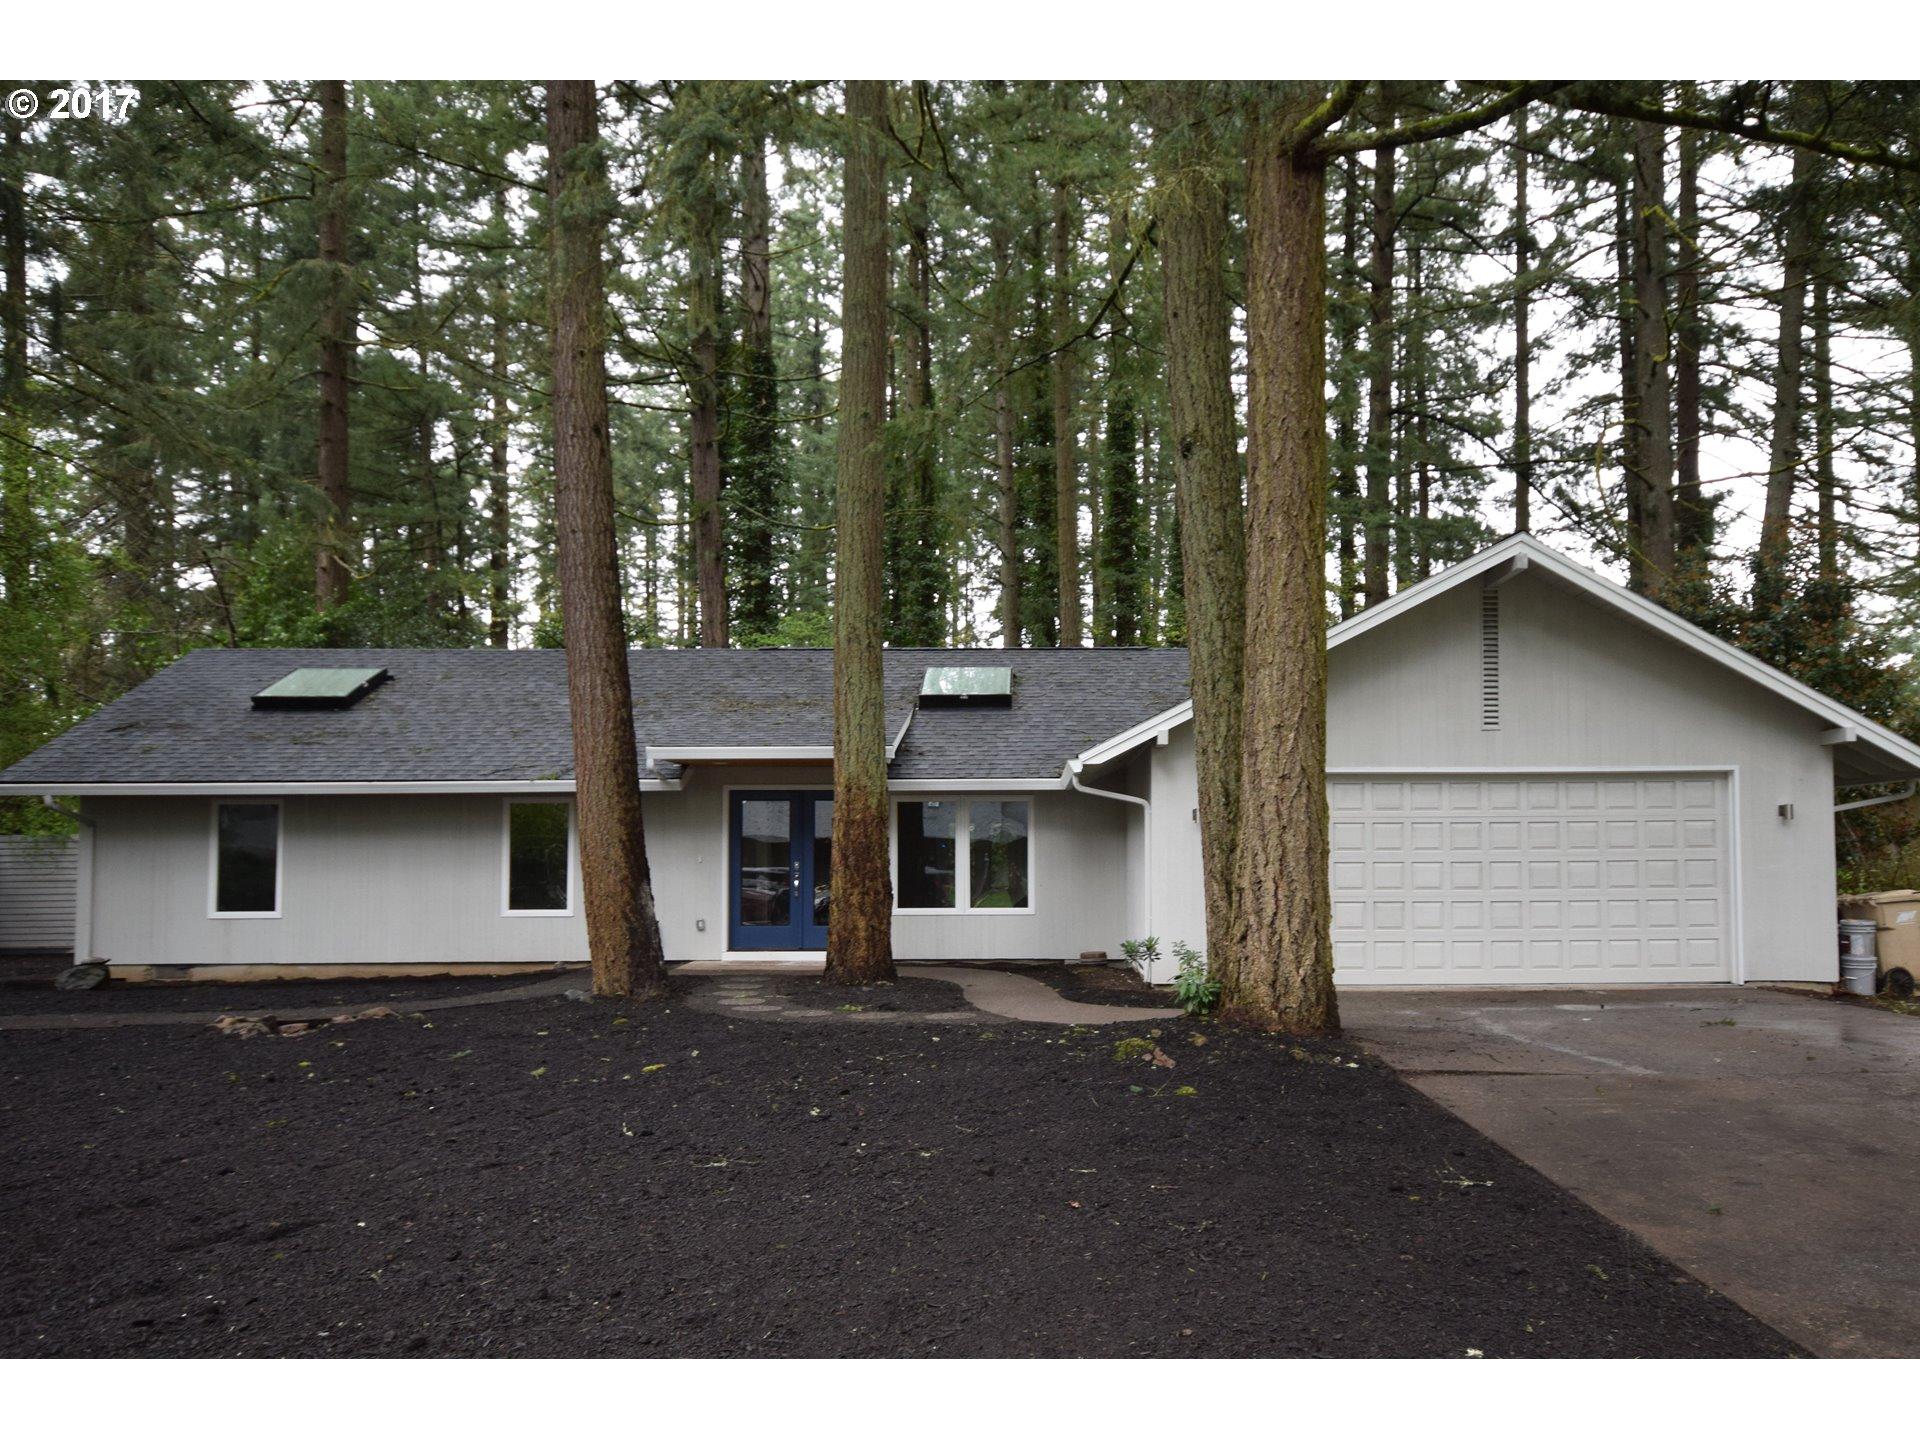 5189 TREE ST, Lake Oswego, OR 97035